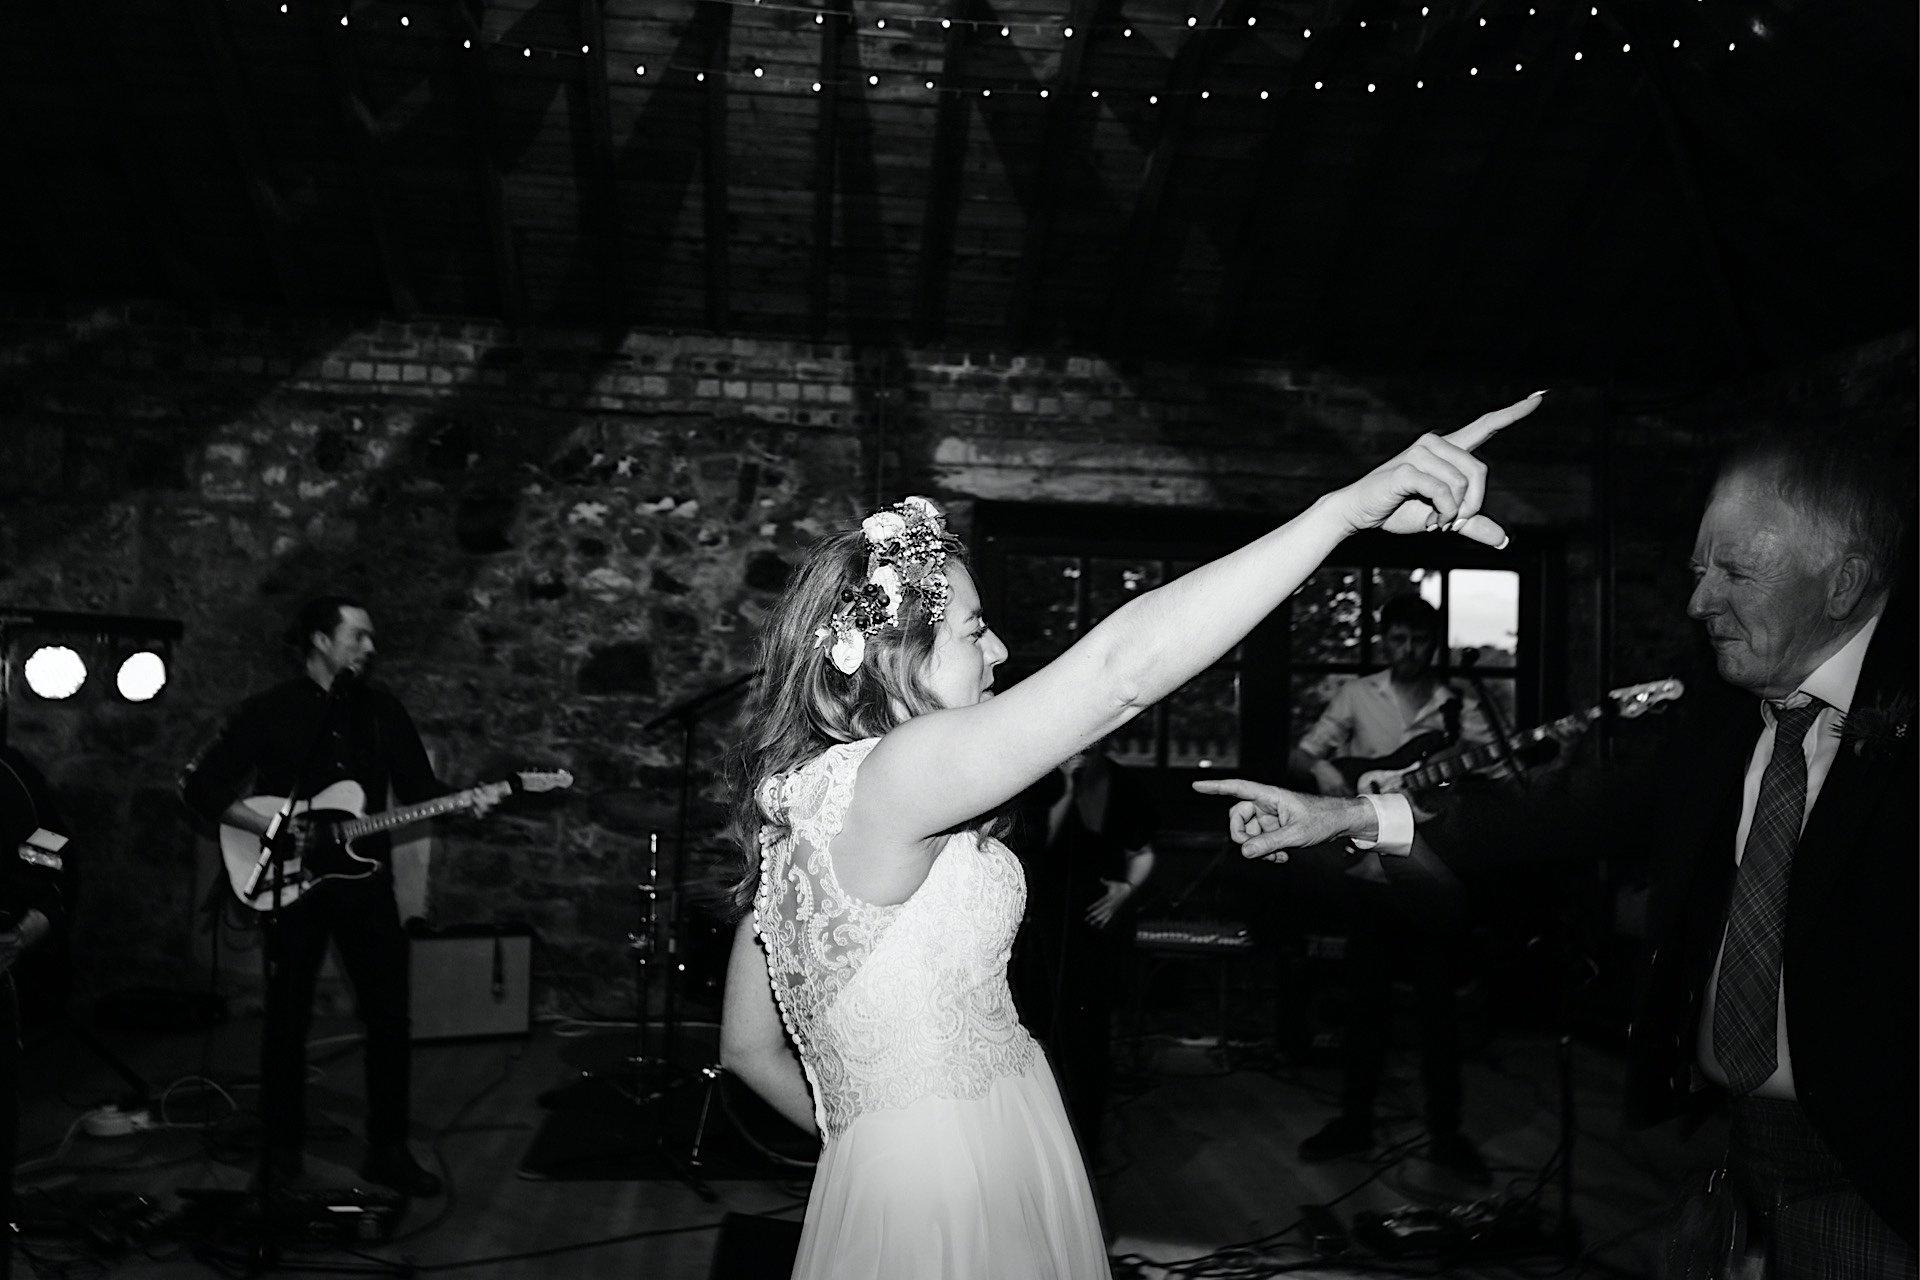 arm bride dancing in thrusting air